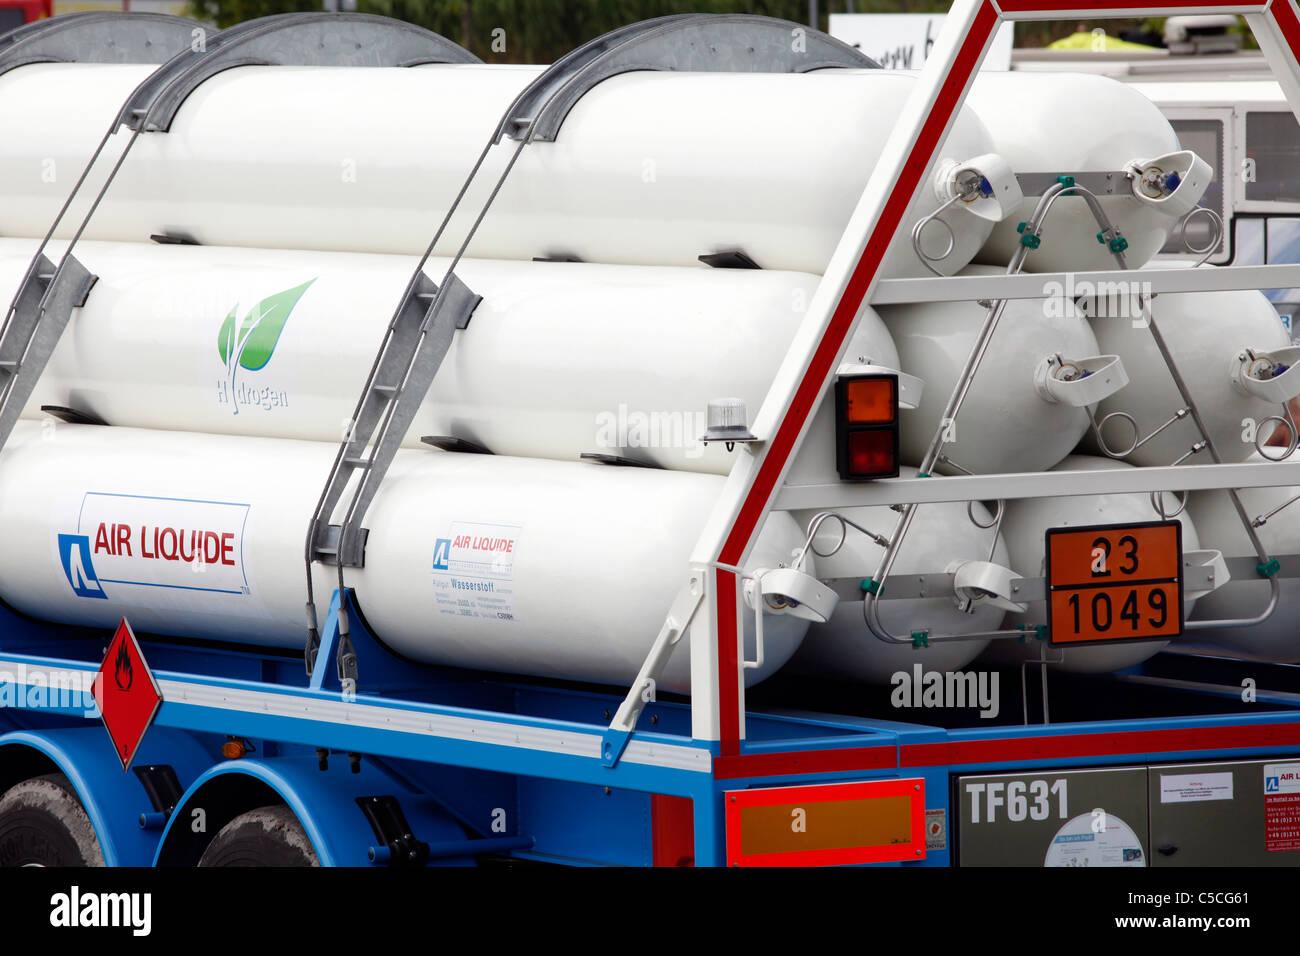 wasserstoff tanks f r die betankung von wasserstoff brennstoffzellen fahrzeuge mobile service. Black Bedroom Furniture Sets. Home Design Ideas